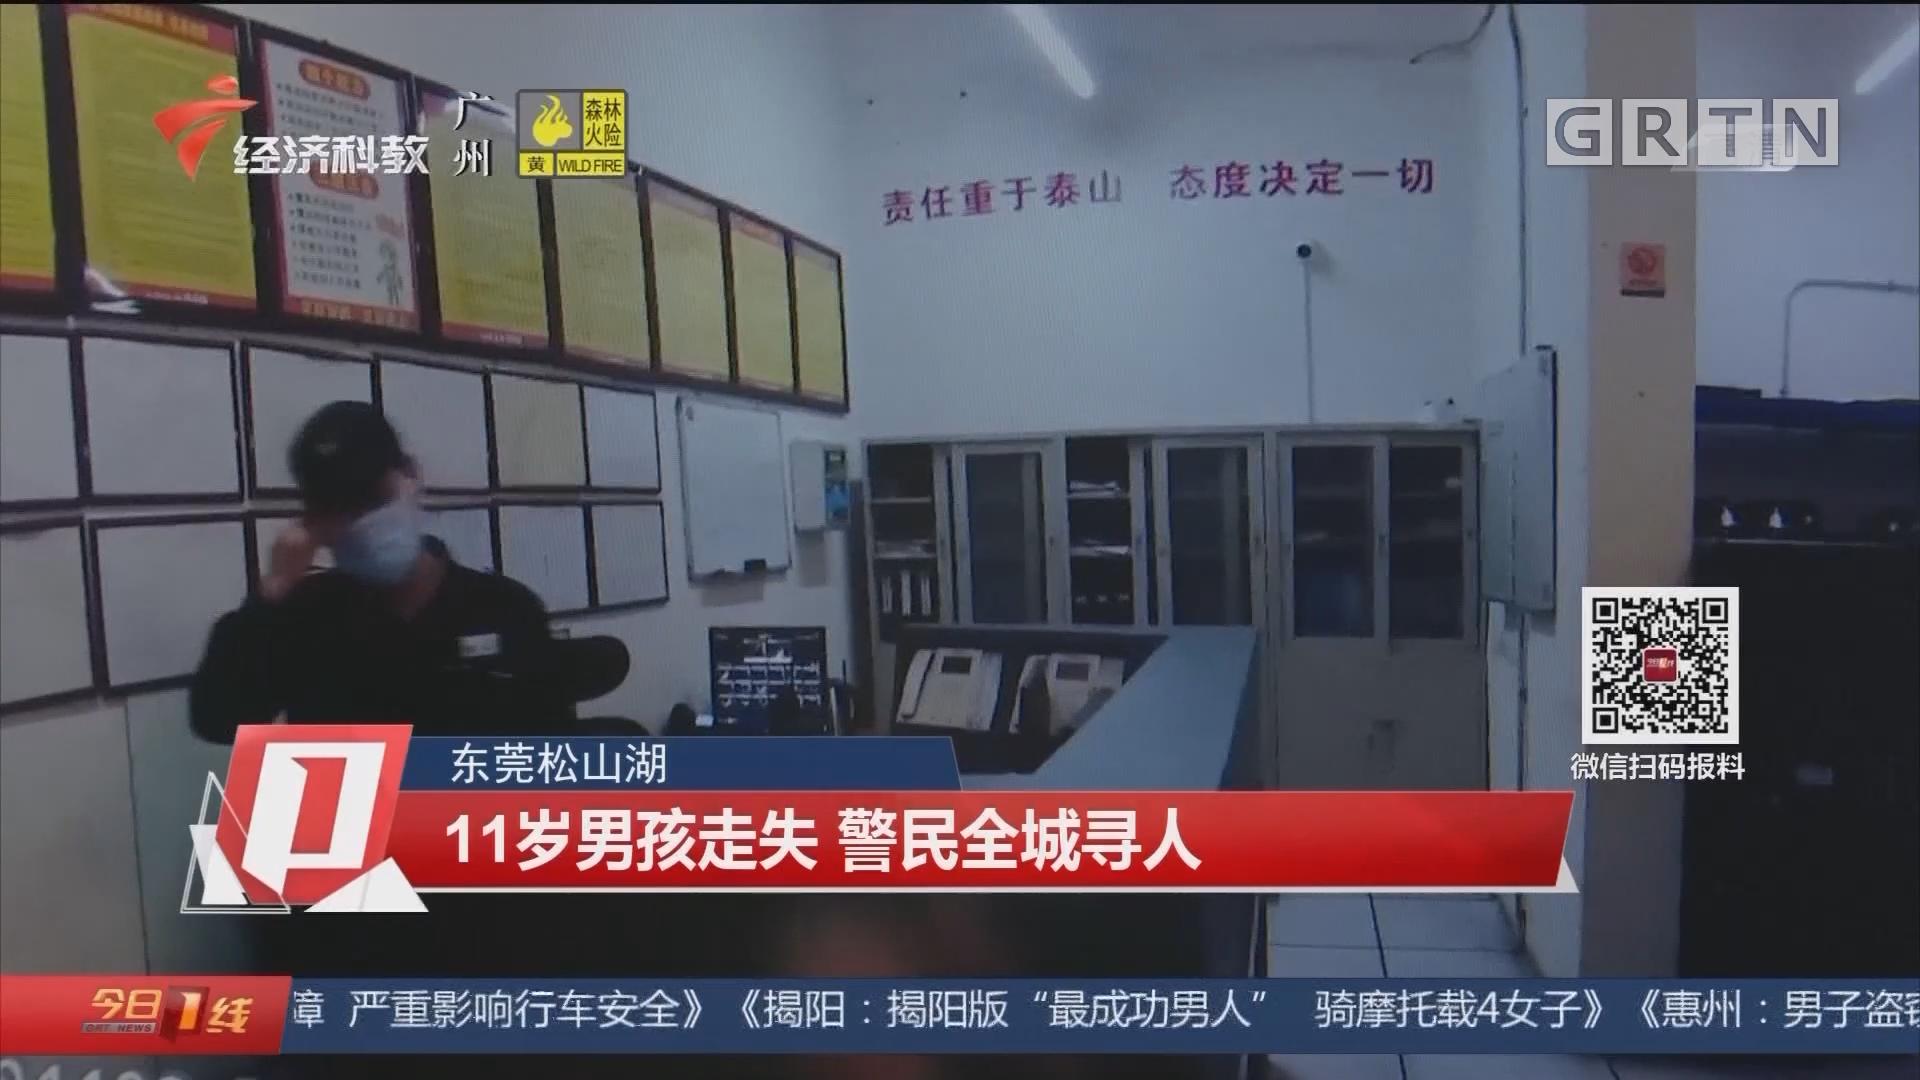 东莞松山湖:11岁男孩走失 警民全城寻人